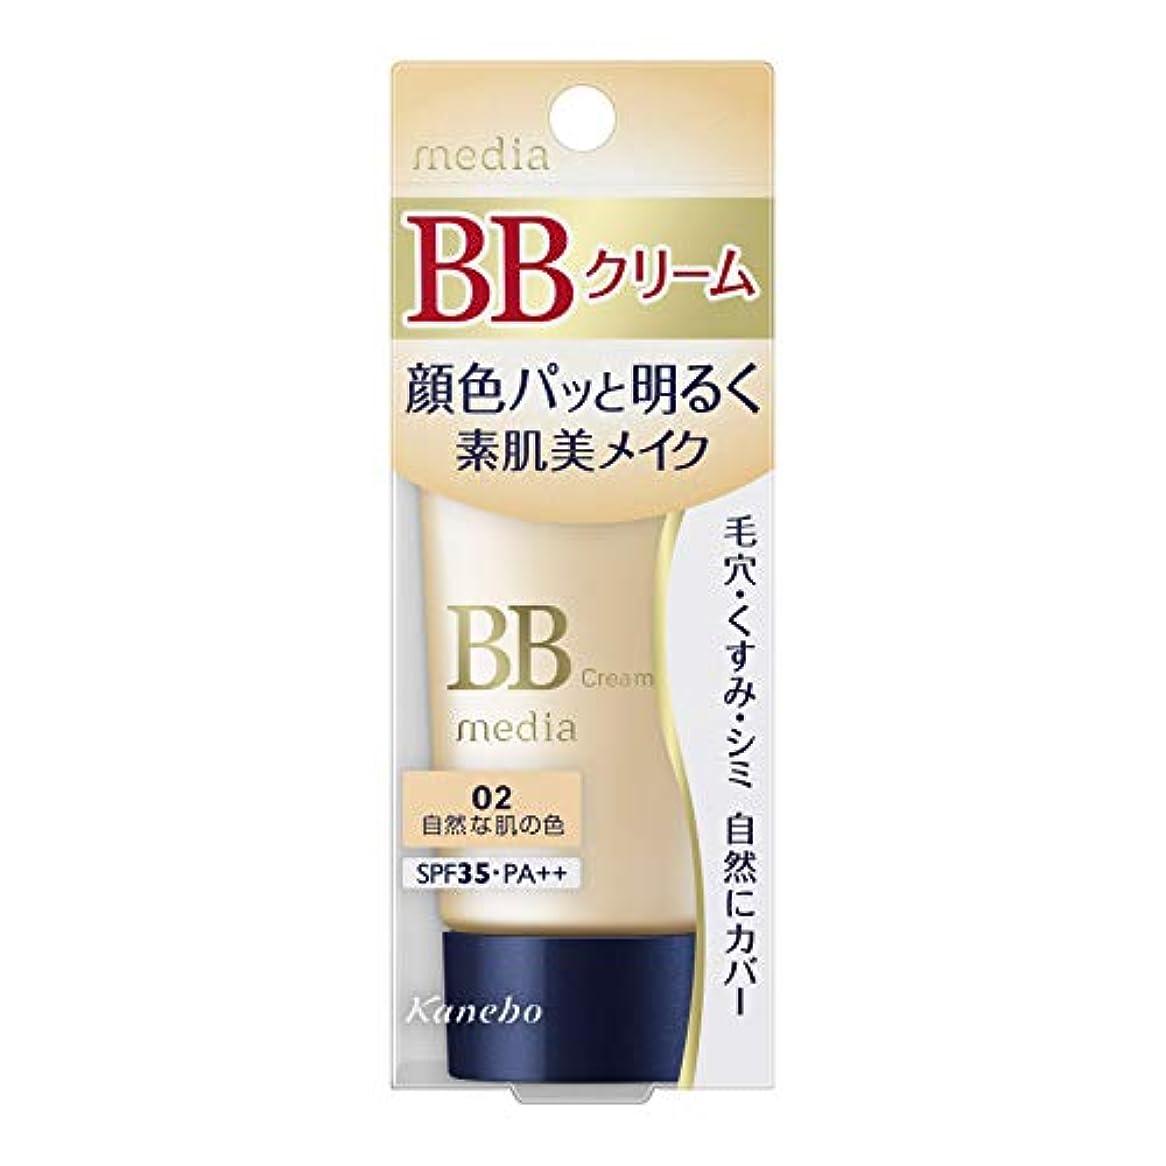 バイナリ計算する承認カネボウ化粧品 メディア BBクリームS 02 35g